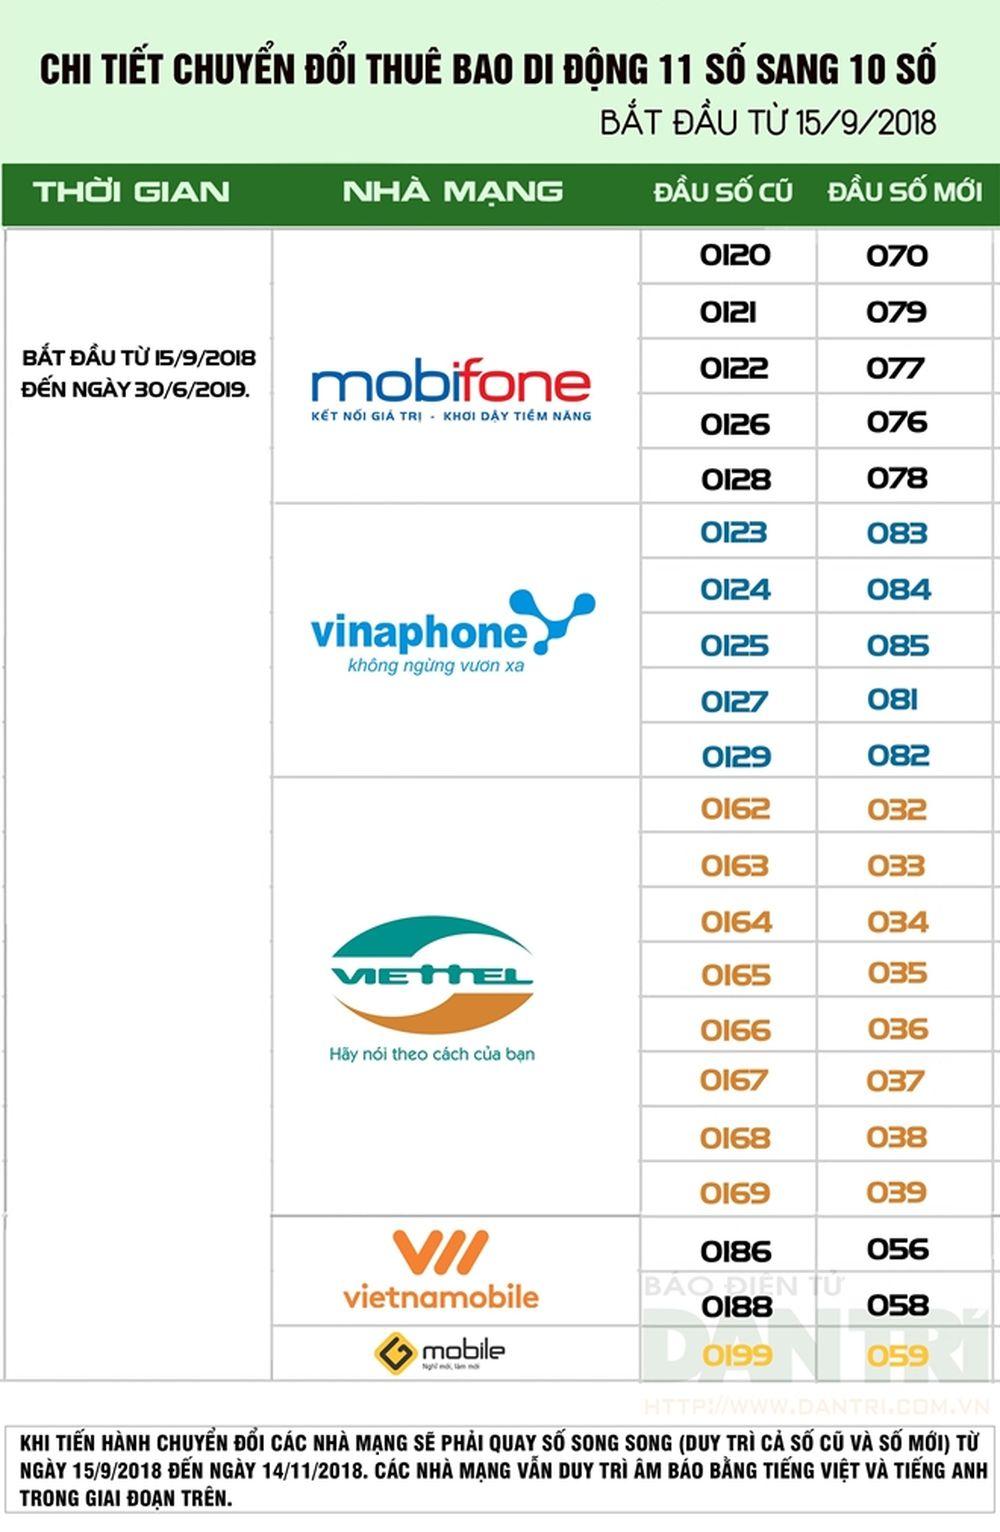 VinaPhone gồm các đầu số 0123, 0124, 0125, 0127, 0129 sẽ chuyển thành 083,  084, 085, 081, 082.